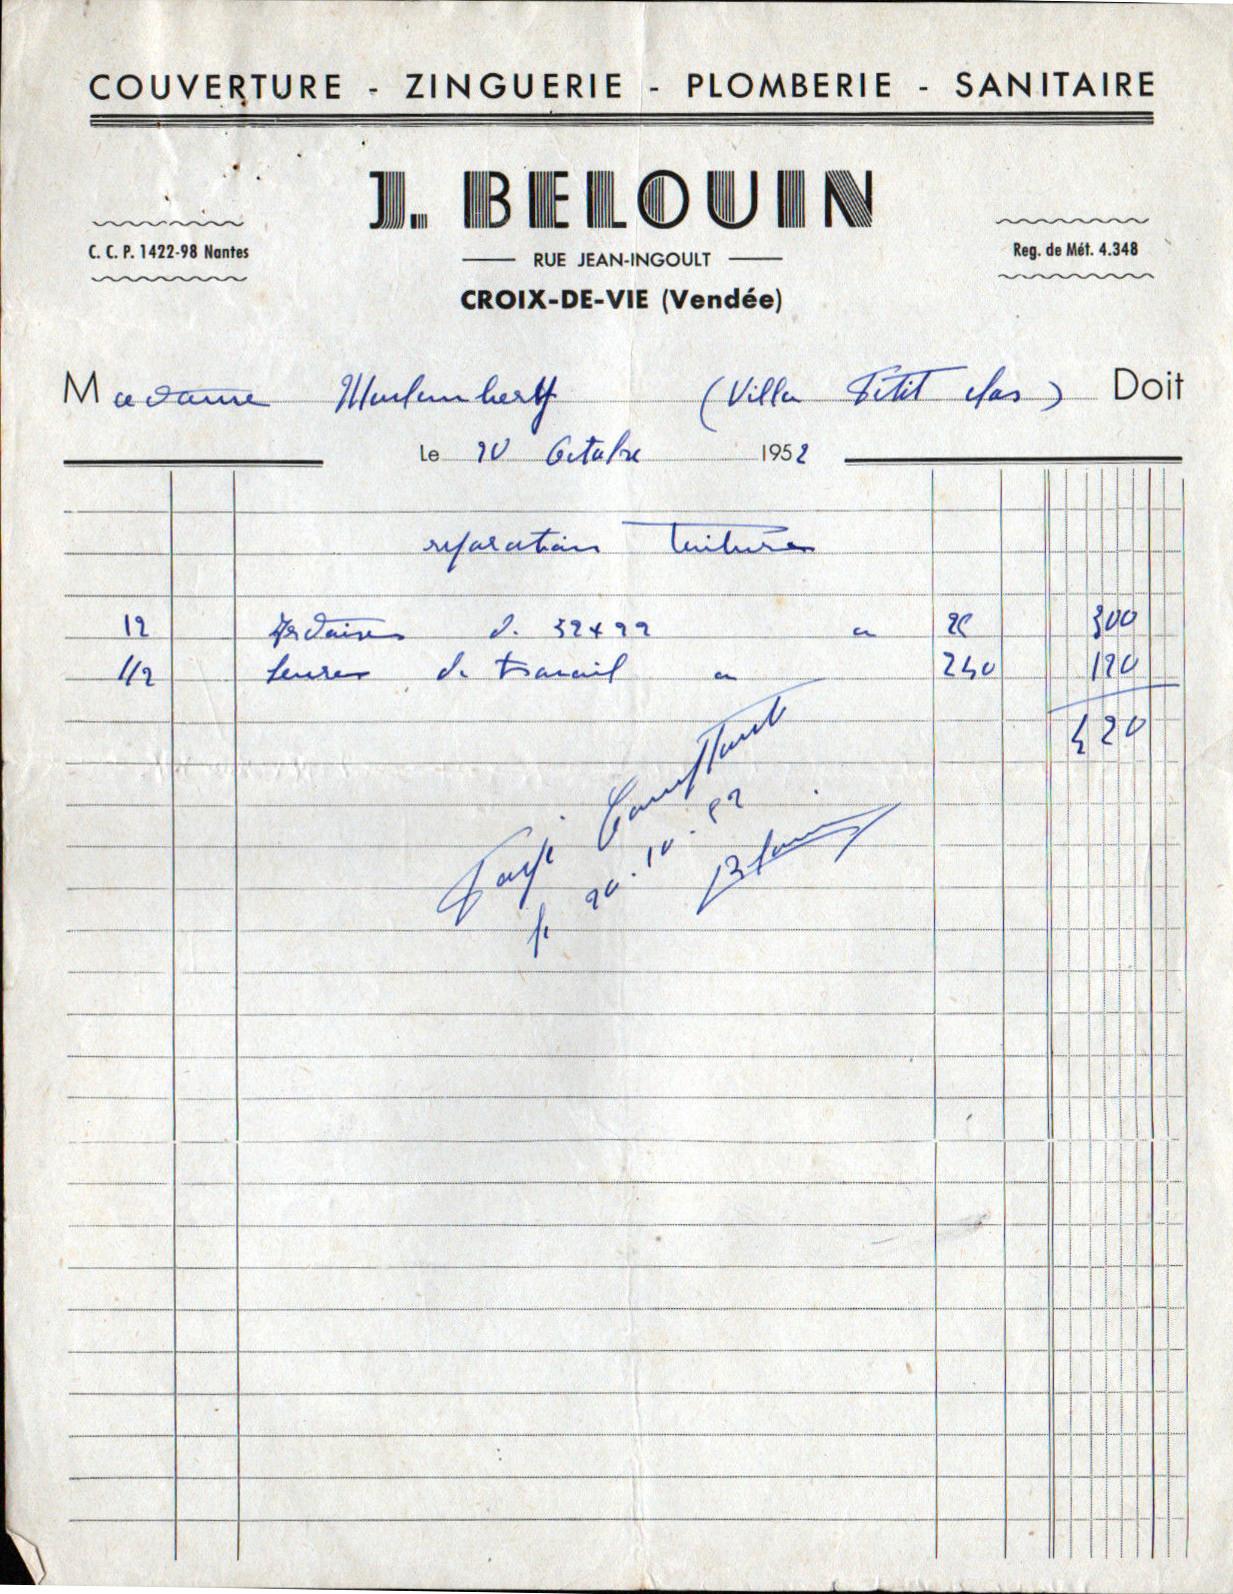 Belouin J.